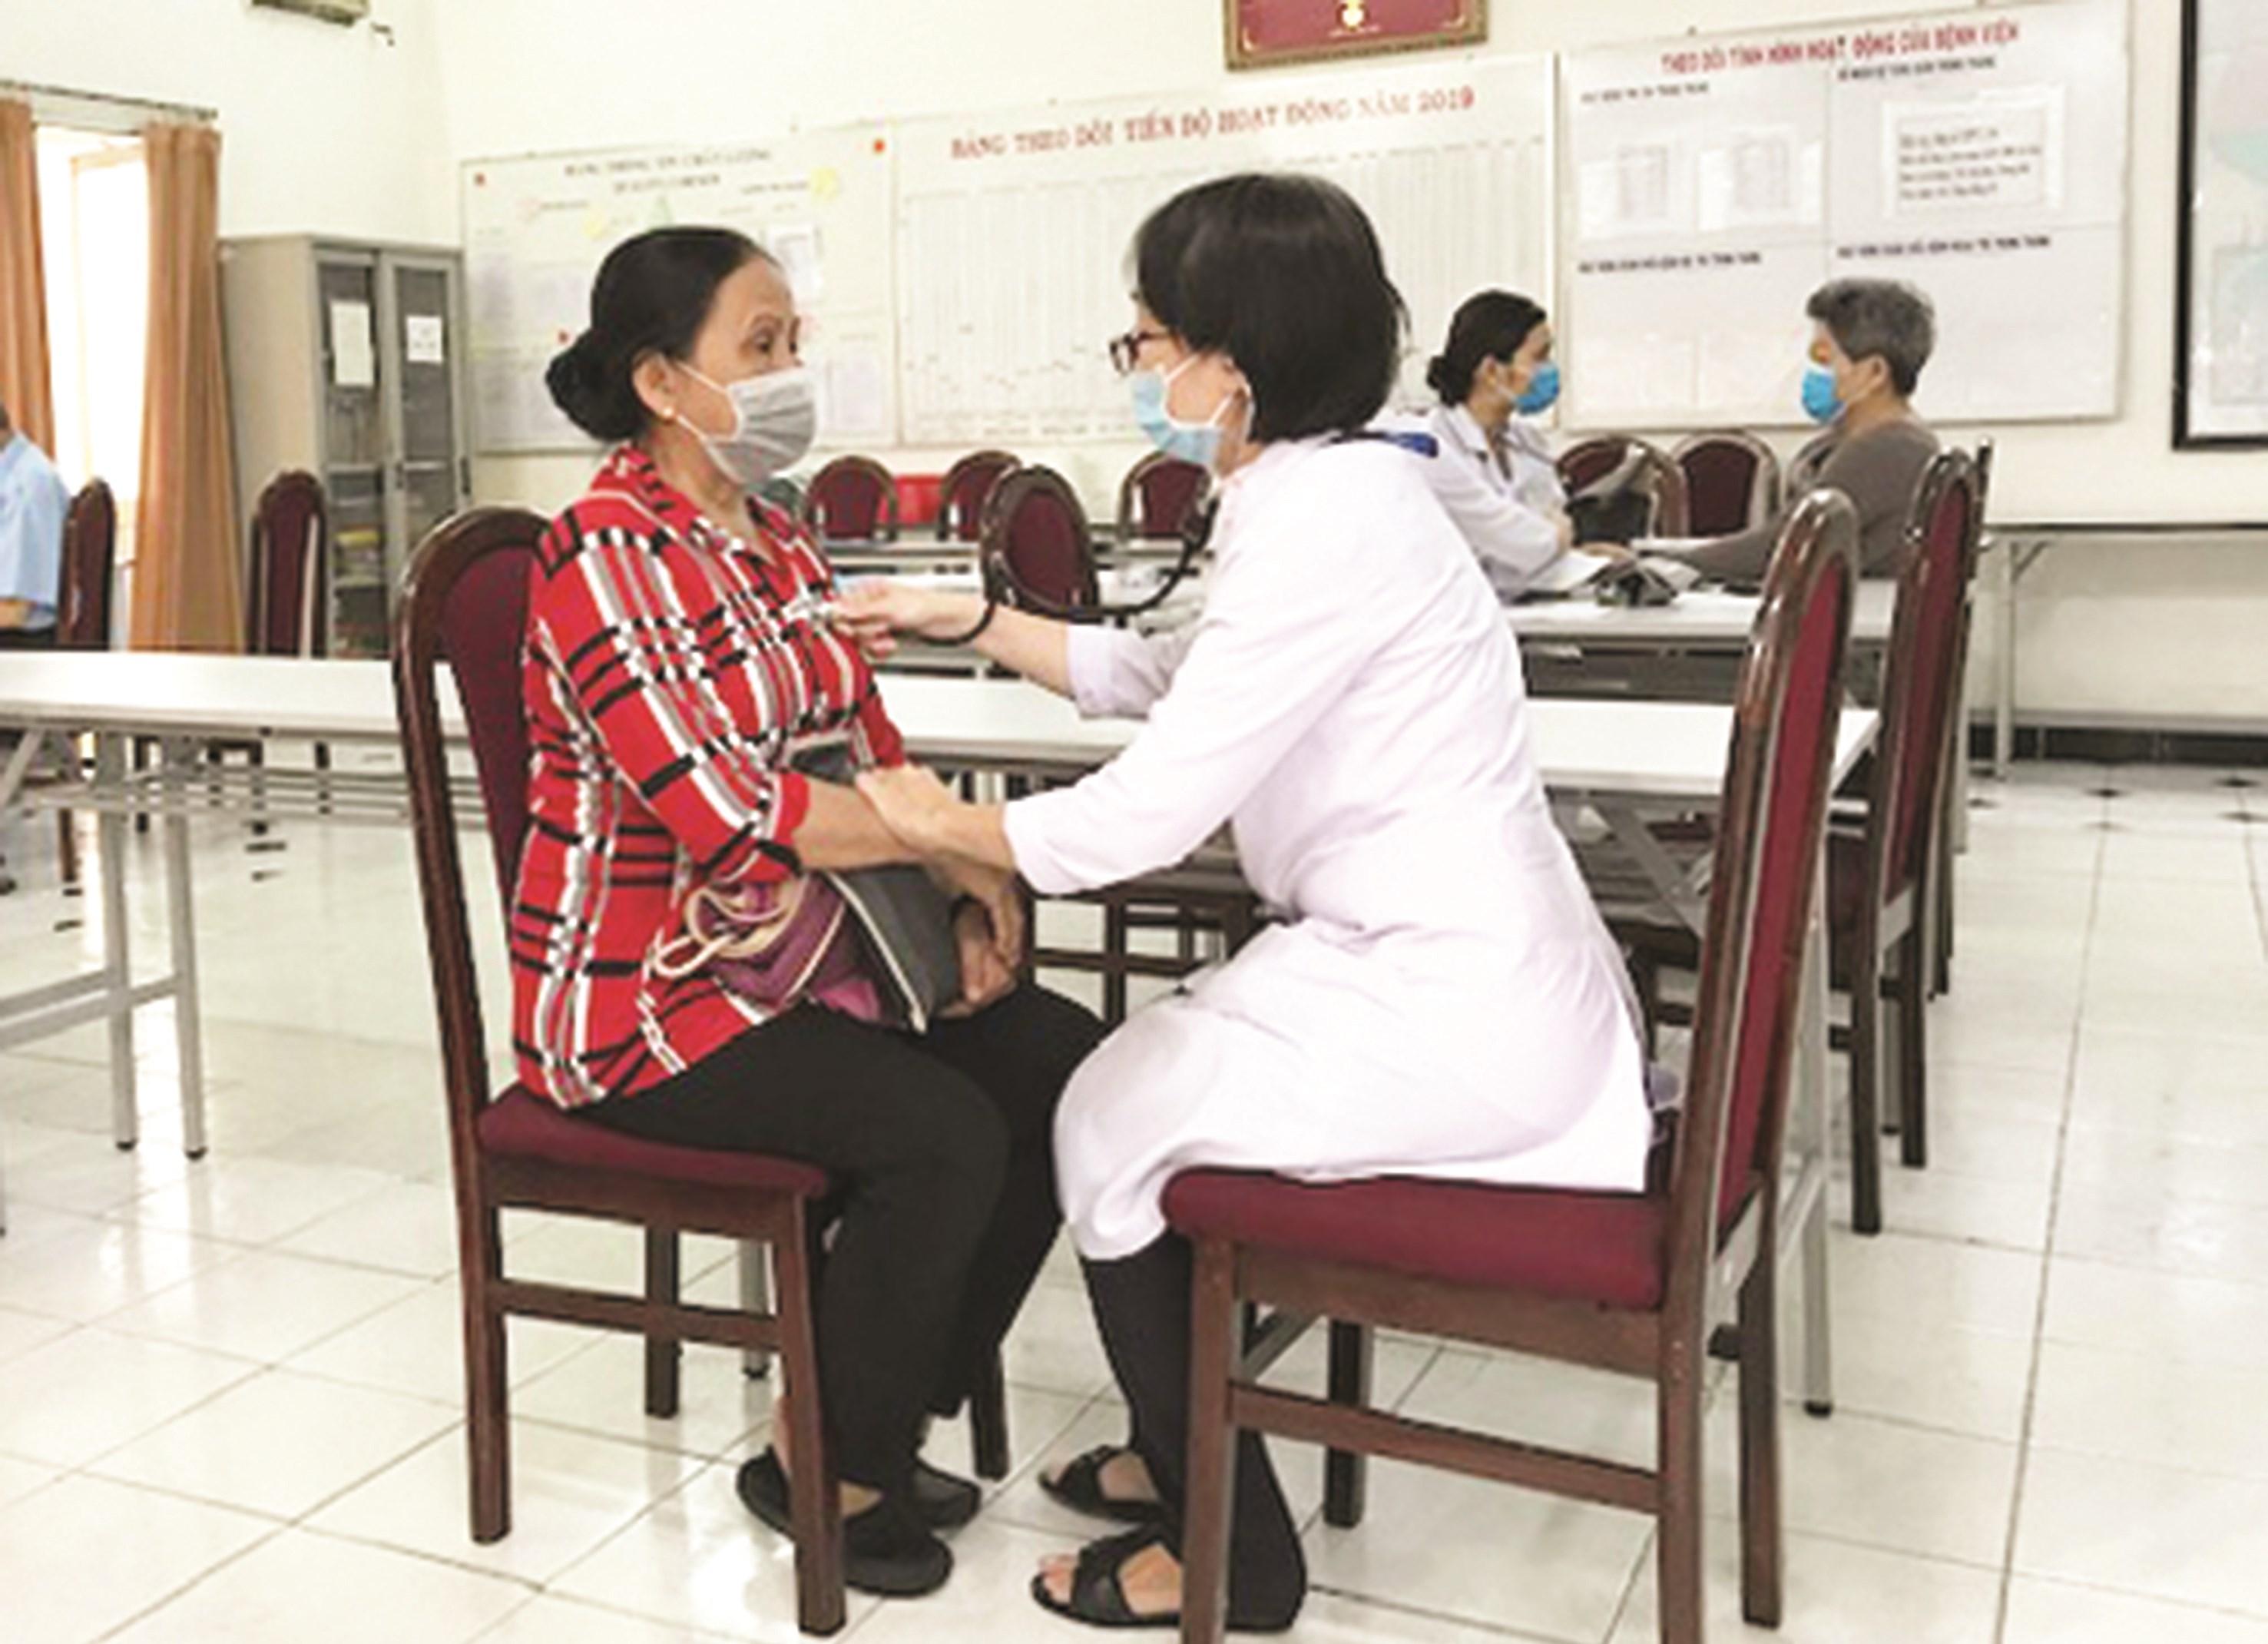 Khám, chữa bệnh miễn phí cho người DTTS có hoàn cảnh khó khăn tại bệnh viện Tân Bình.